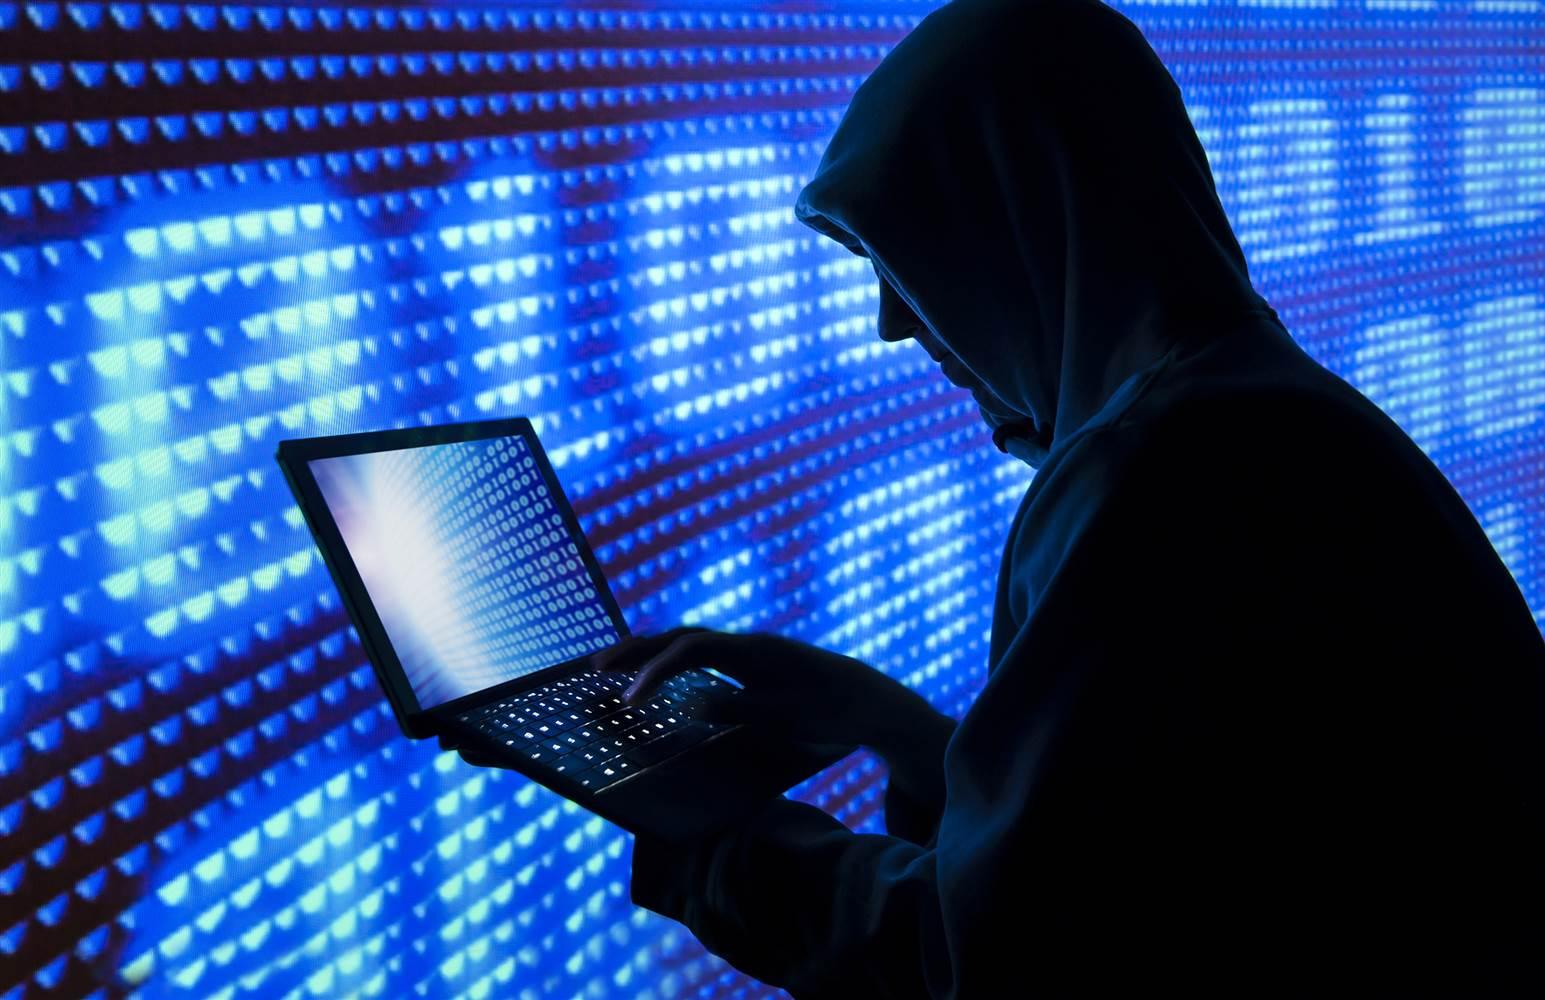 Кибербезопасность: IT-системы для защиты данных электронного бизнеса